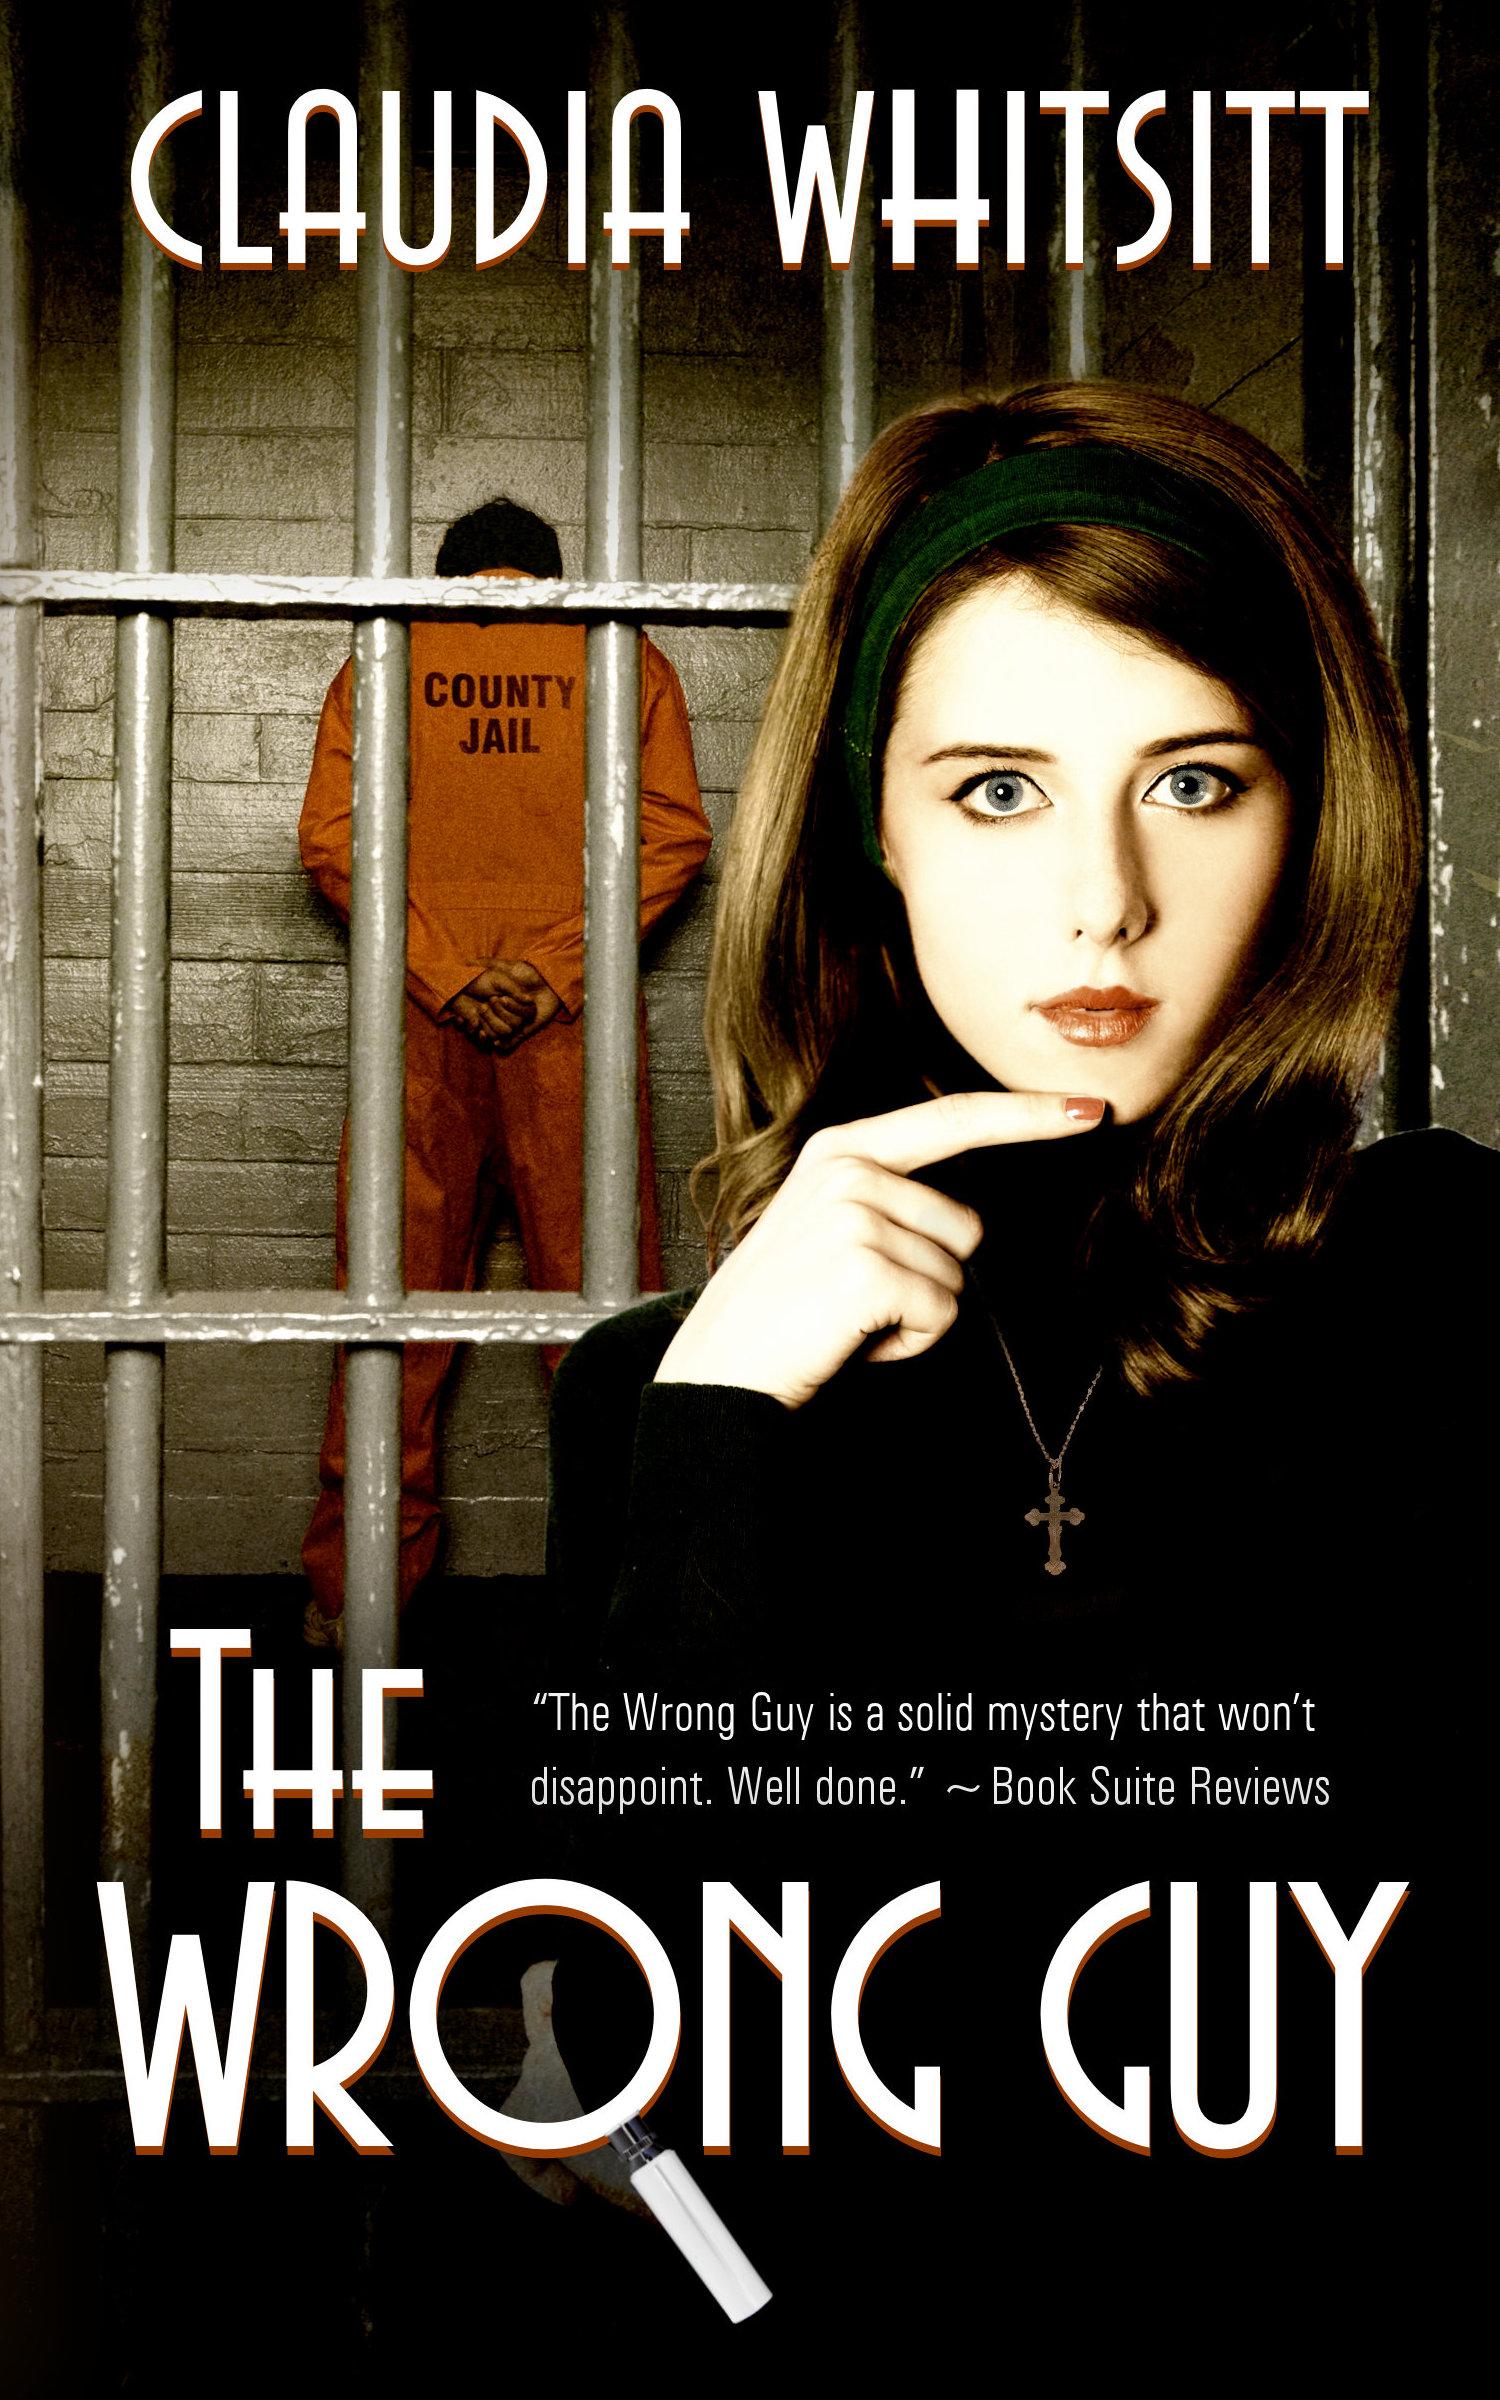 The Wrong Guy — Claudia Whitsitt